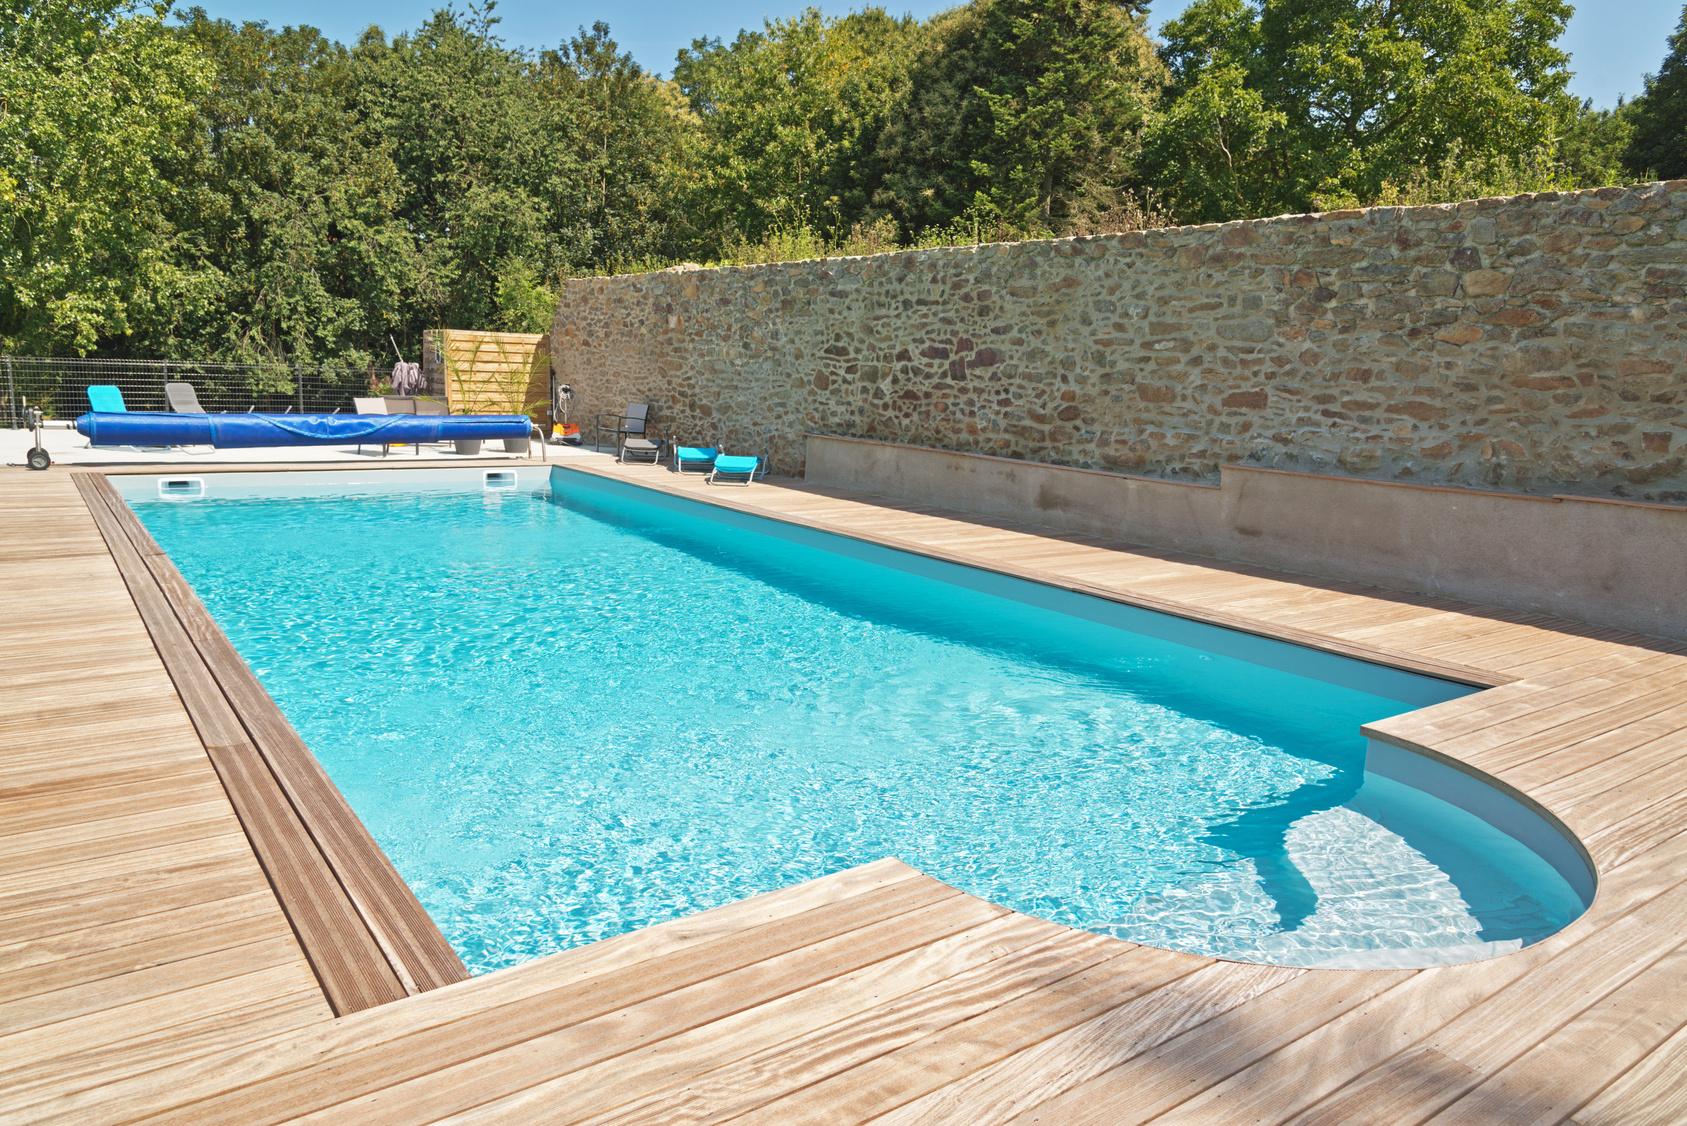 Piscine A Moins De 100 Euros le prix d'un liner de piscine : estimez le budget de votre